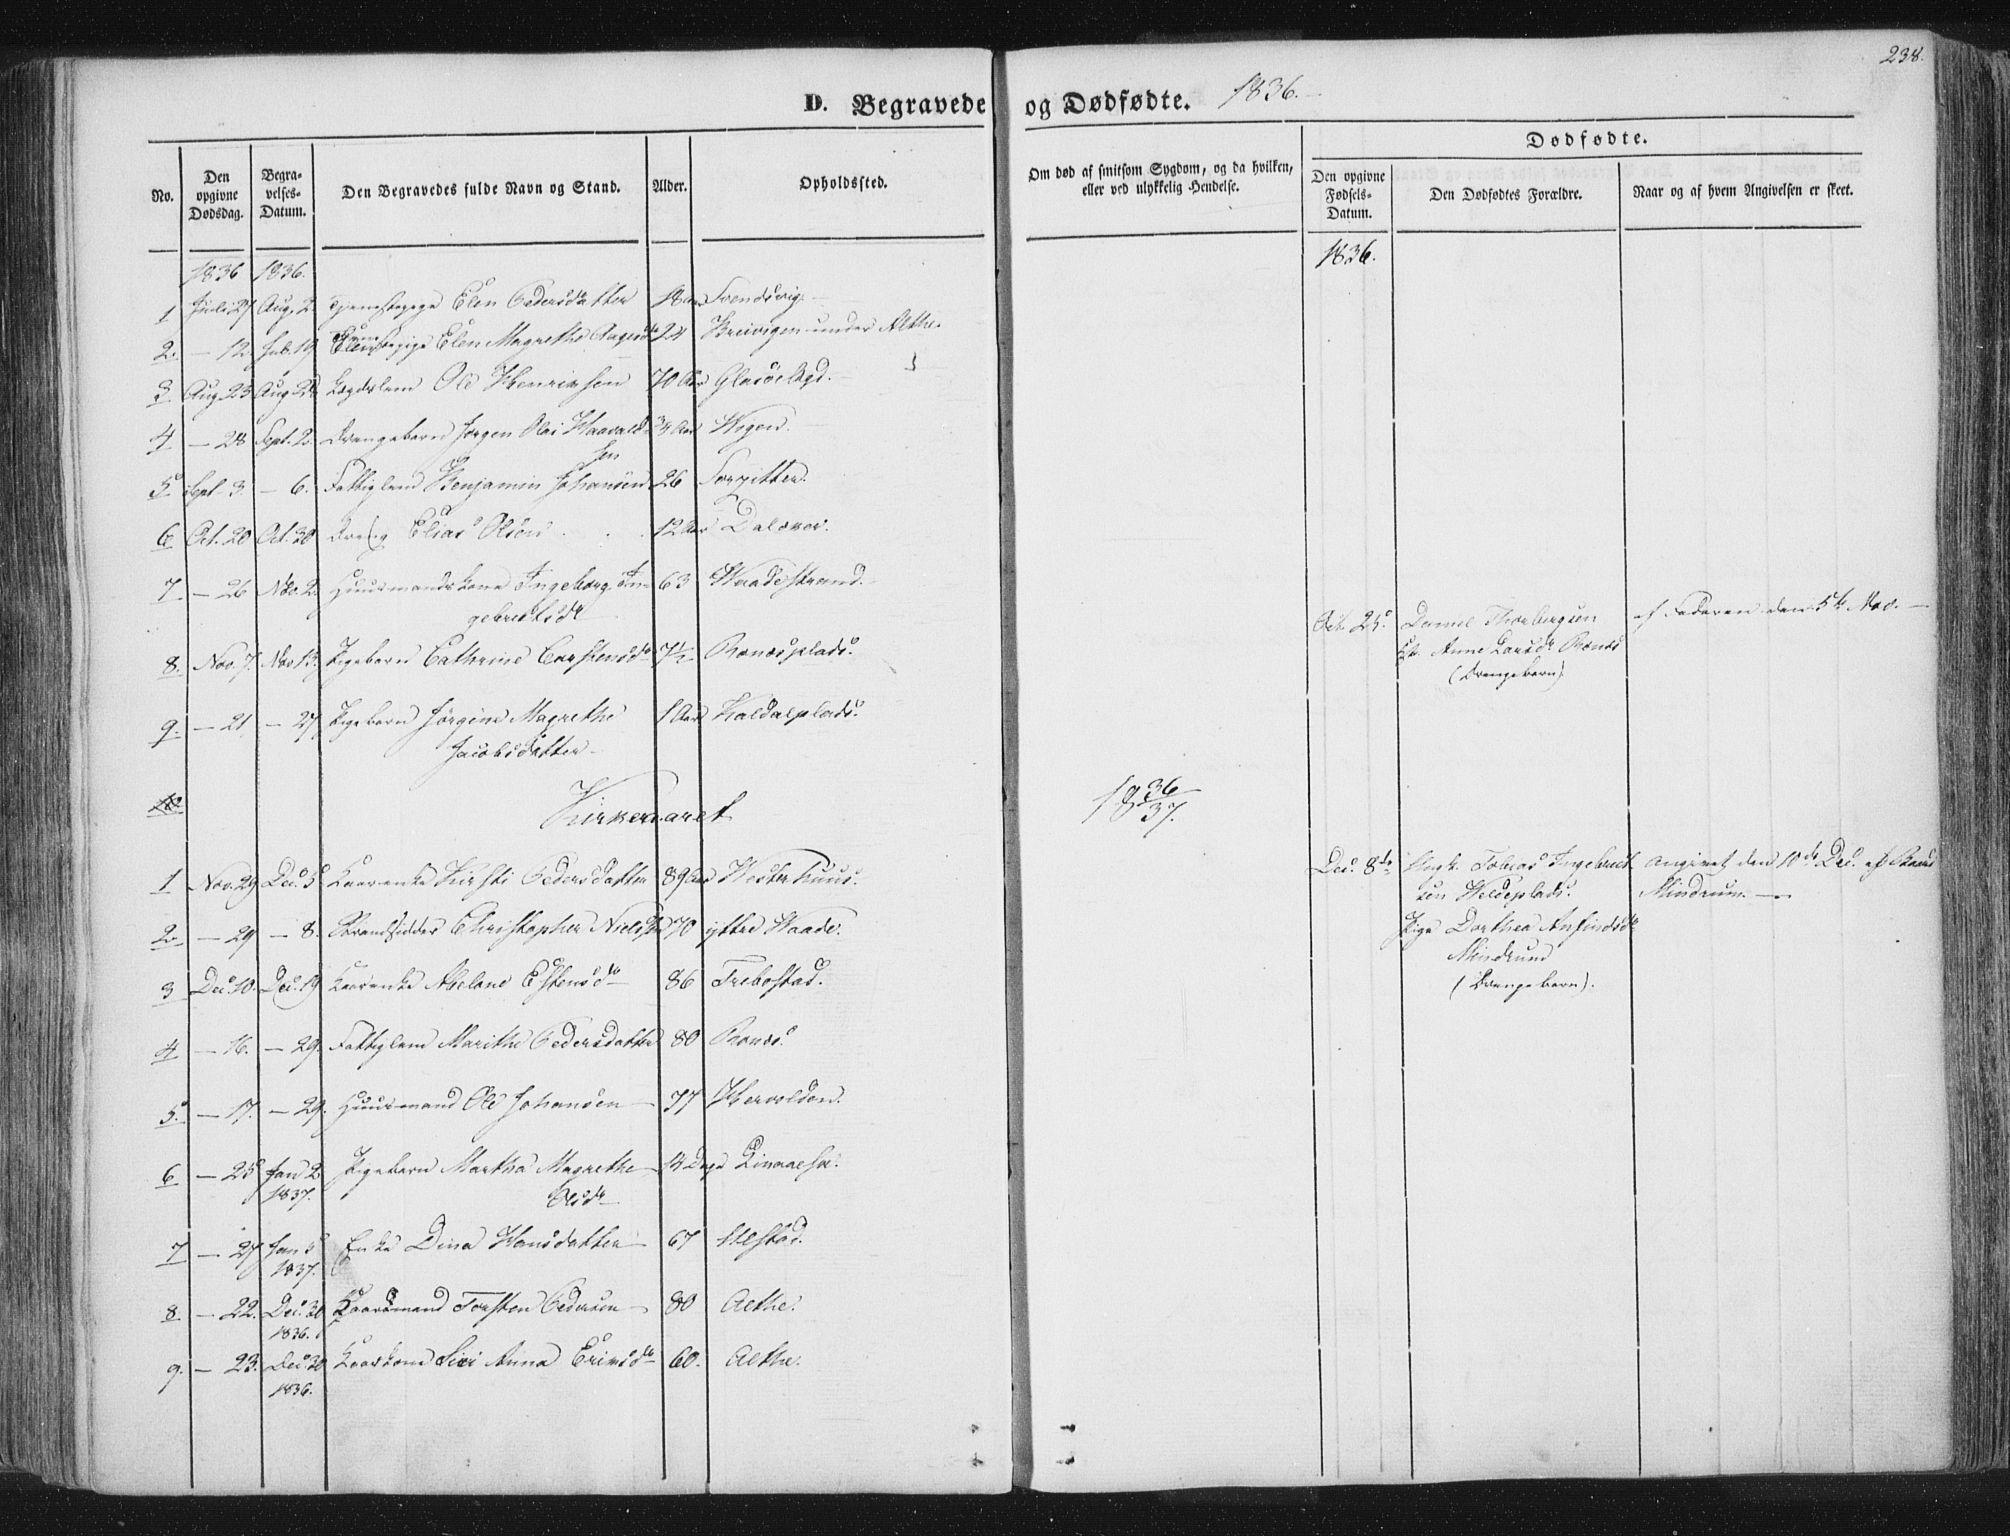 SAT, Ministerialprotokoller, klokkerbøker og fødselsregistre - Nord-Trøndelag, 741/L0392: Ministerialbok nr. 741A06, 1836-1848, s. 238